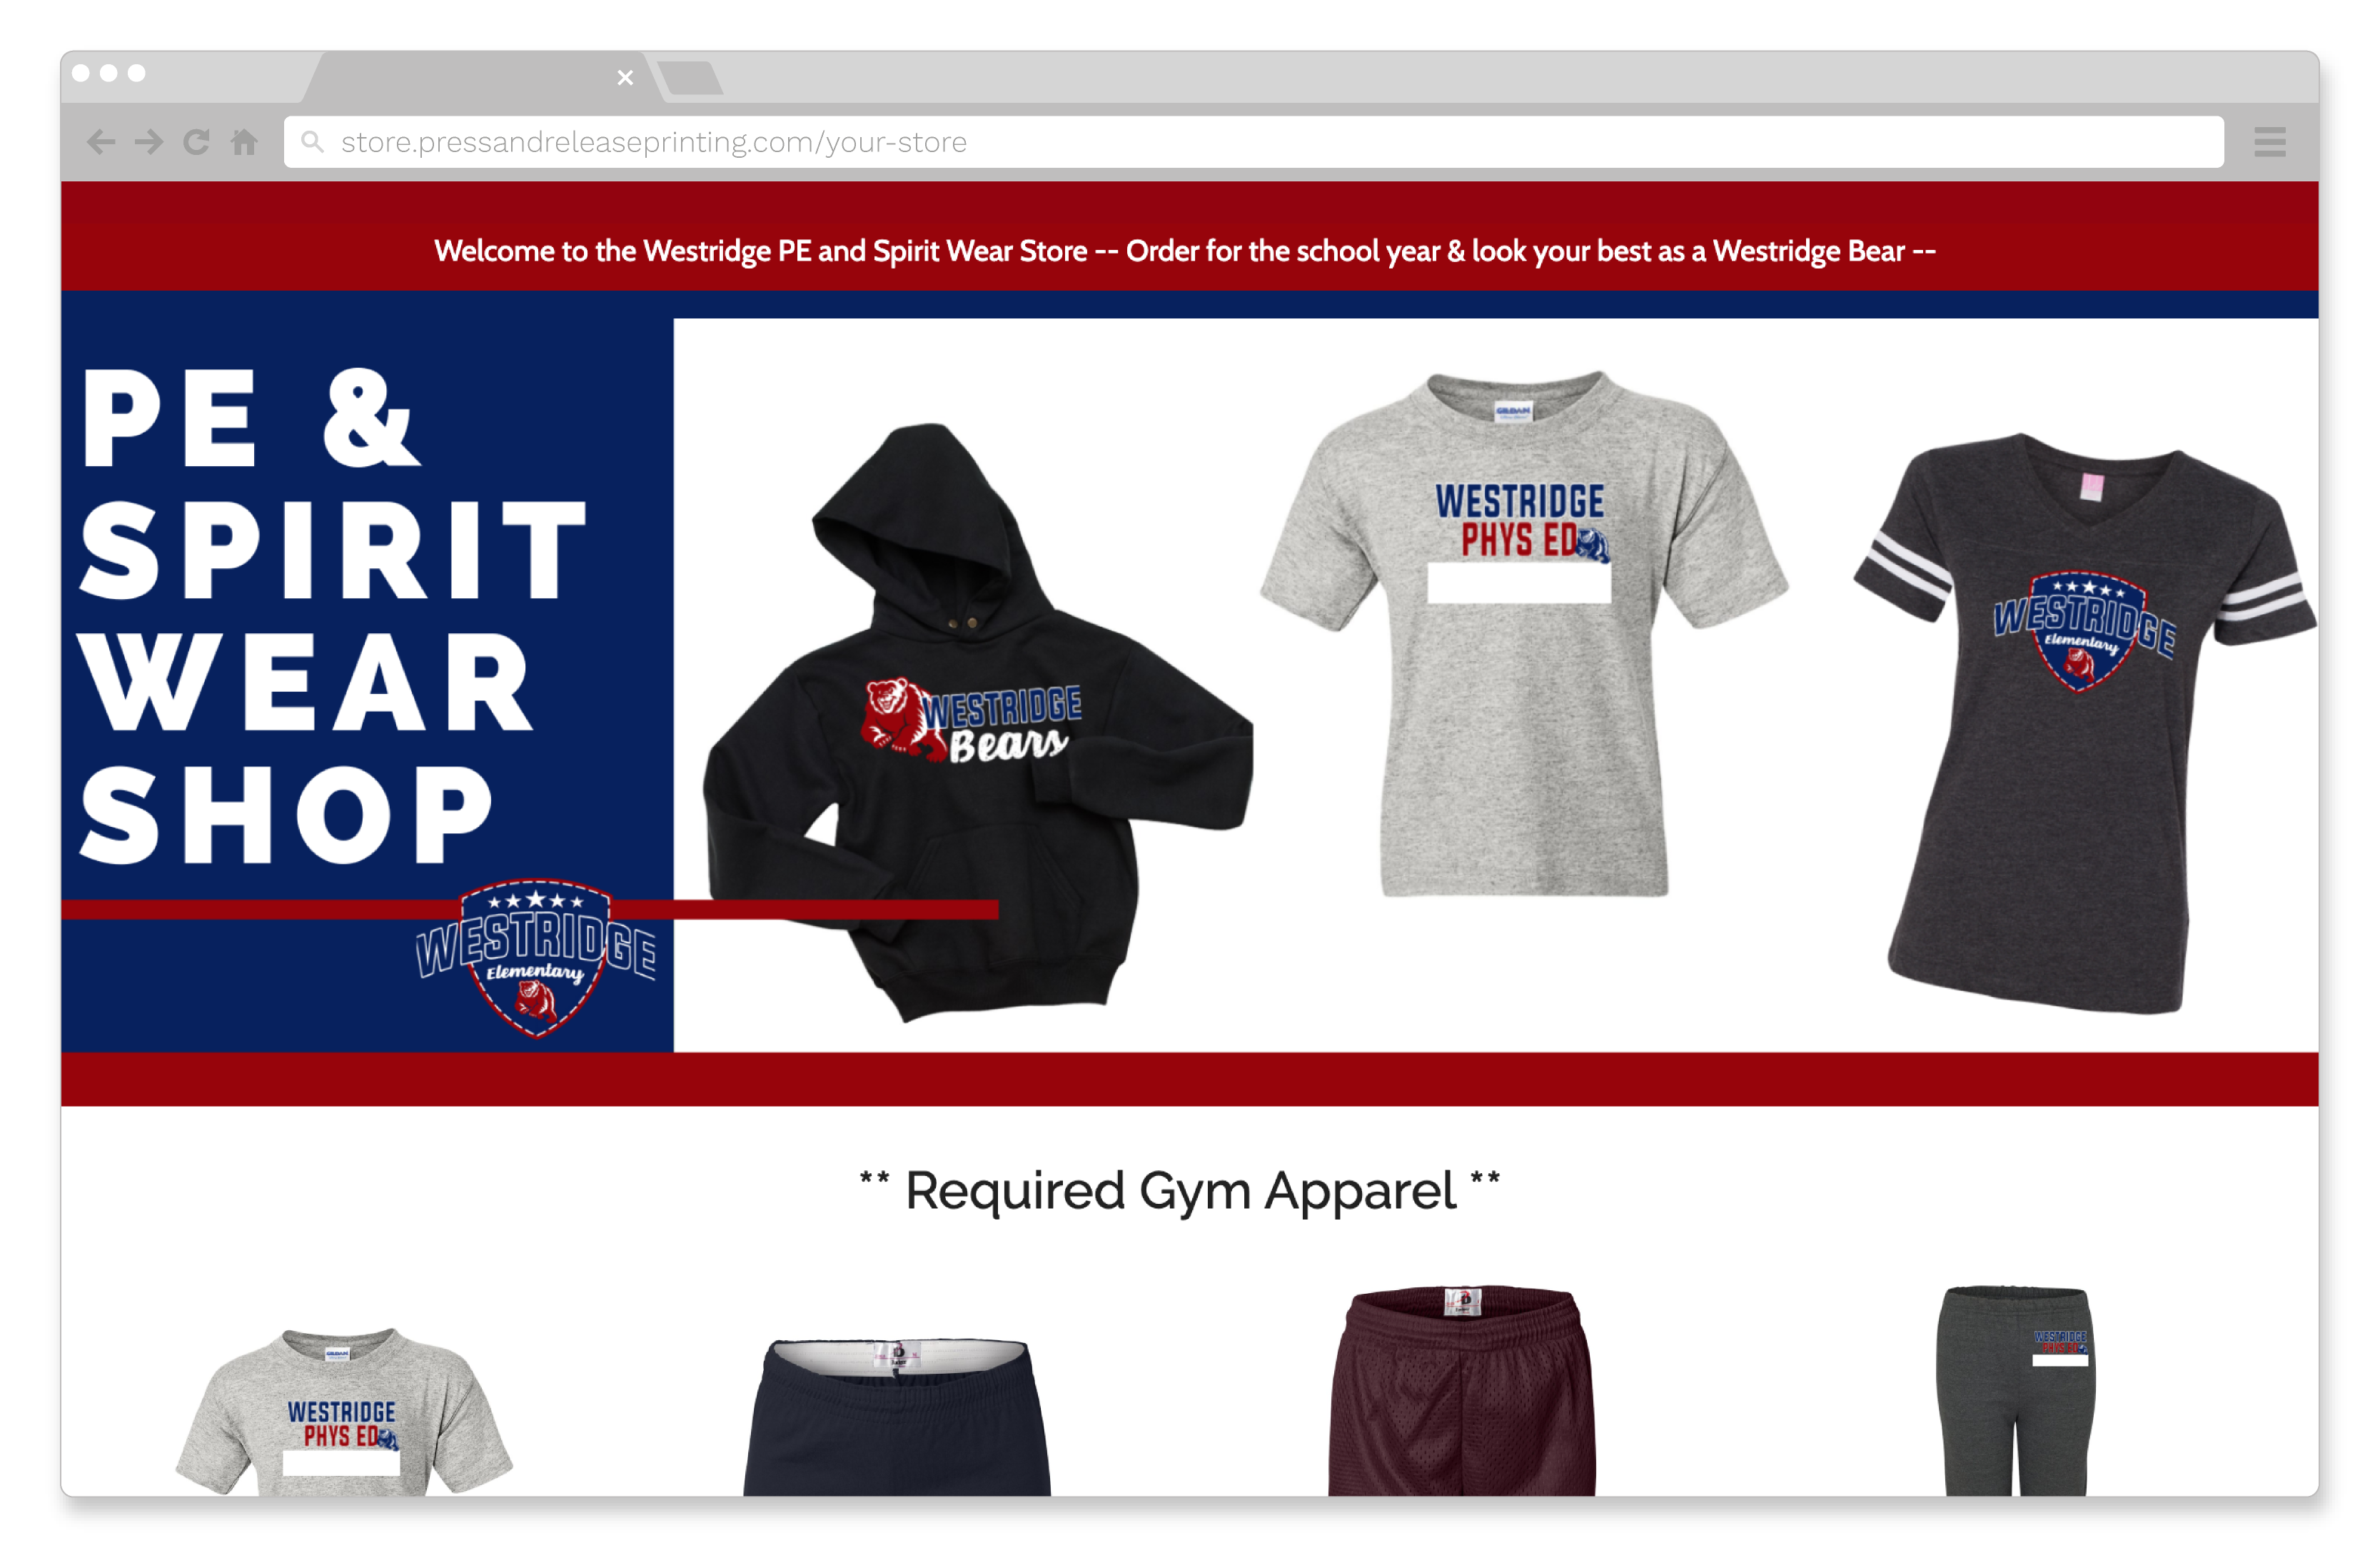 Screenshot of a school spirit wear online store